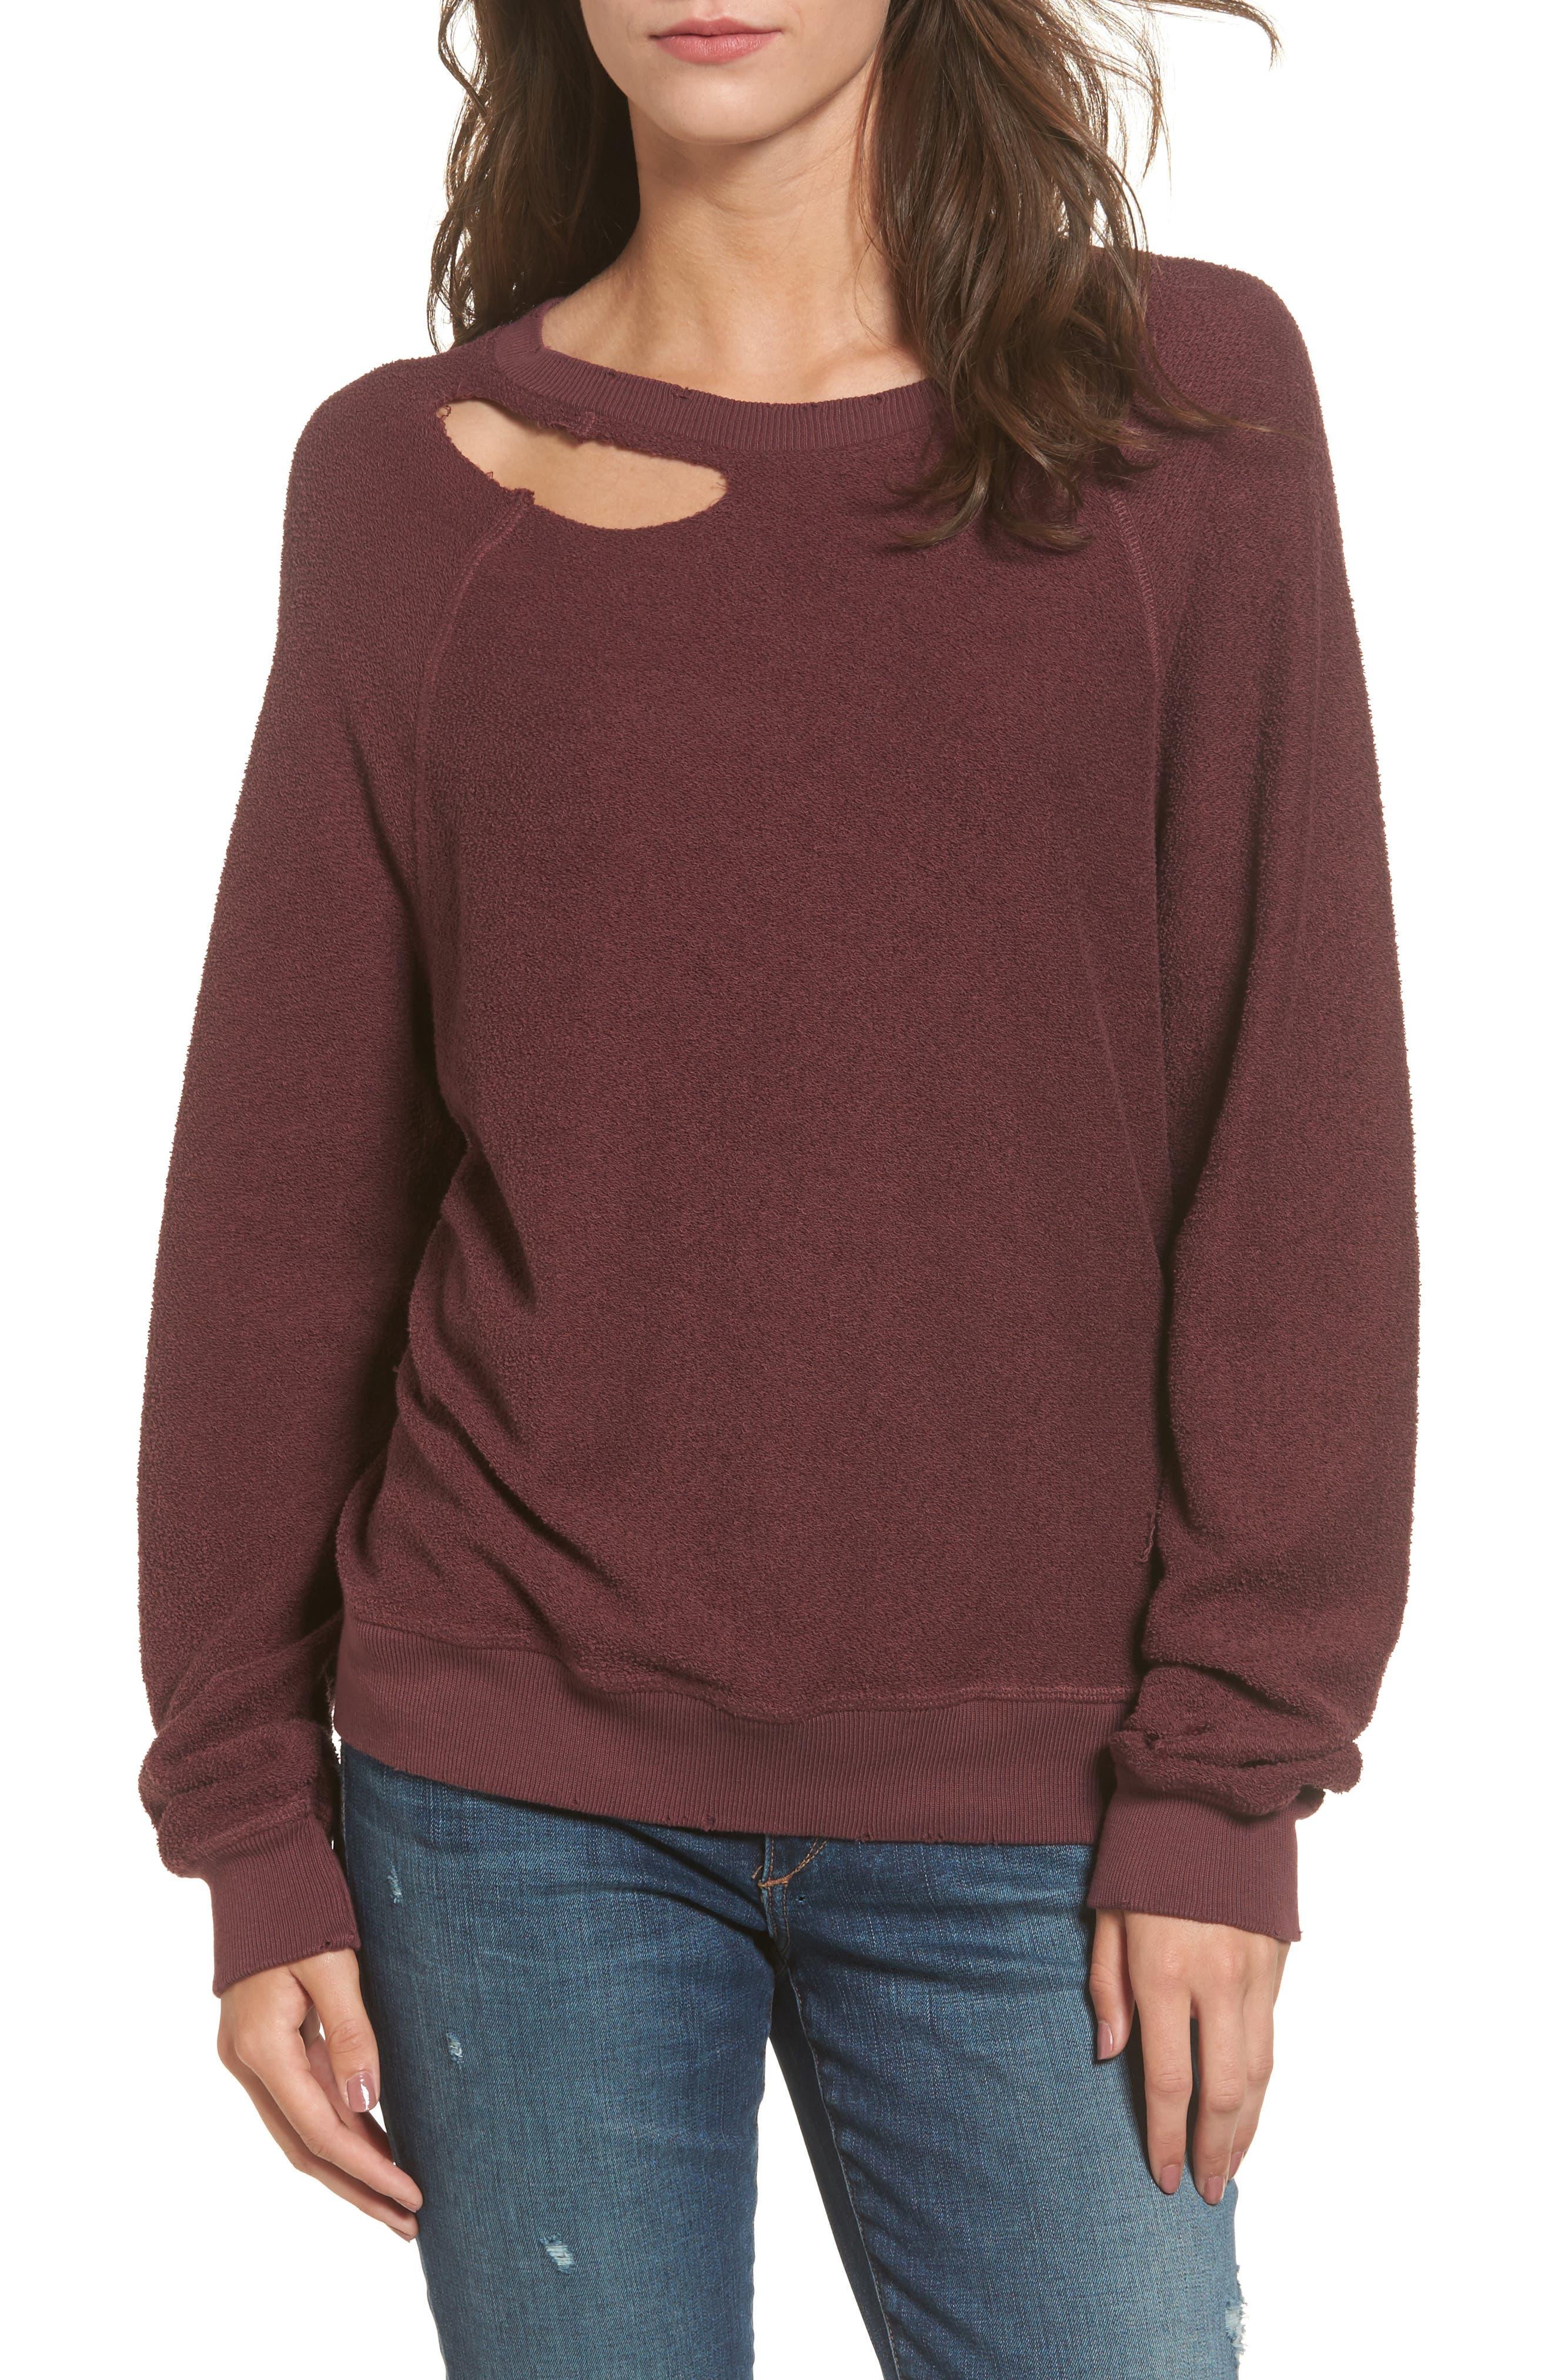 Alternate Image 1 Selected - n:PHILANTHROPY Holden Reverse Distressed Sweatshirt